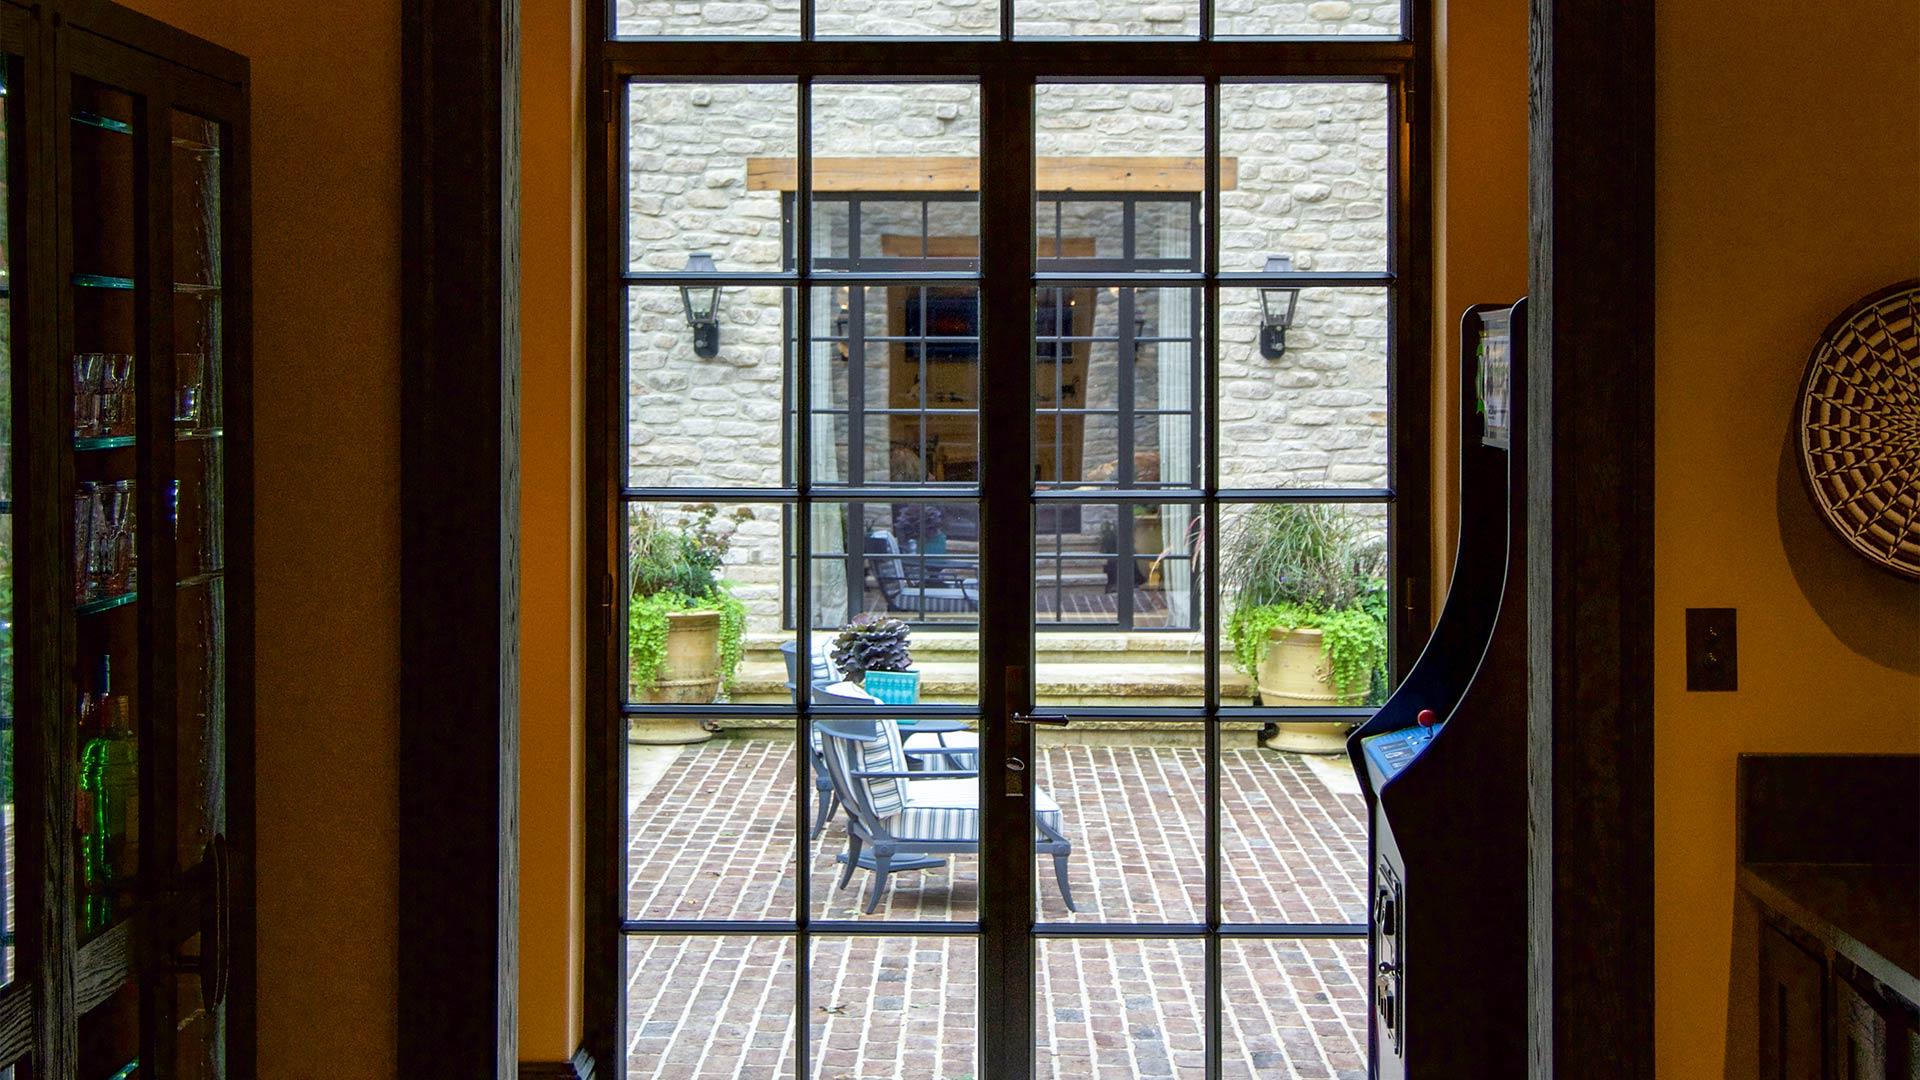 Hitt Virginia Residence 10